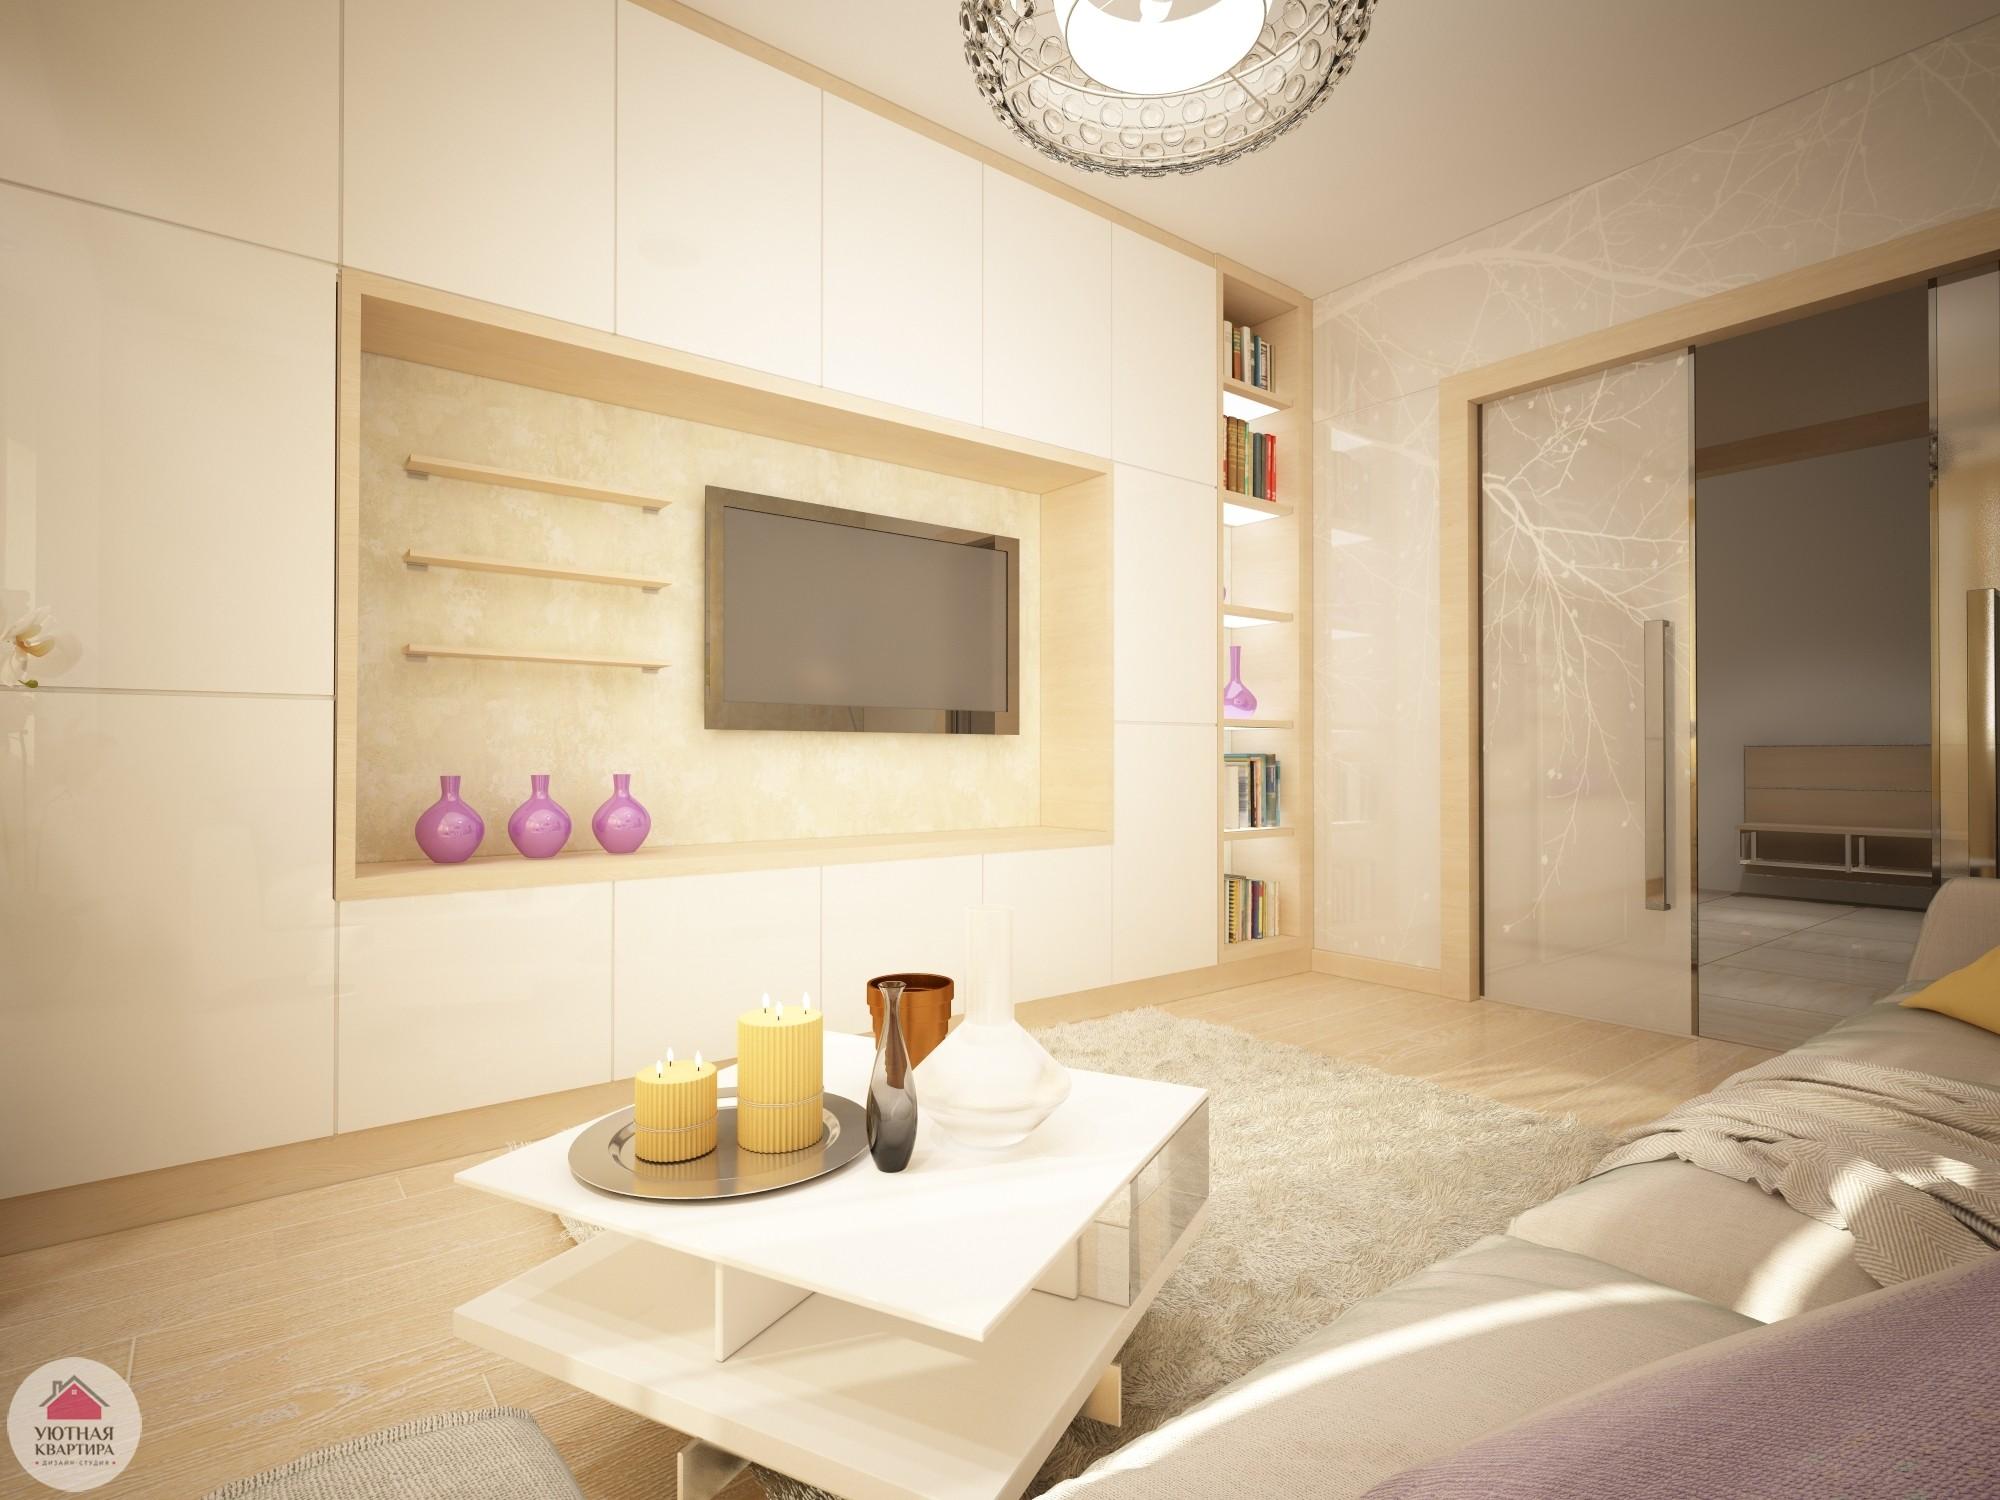 Ремонт 2 комнатной квартиры 42 квм